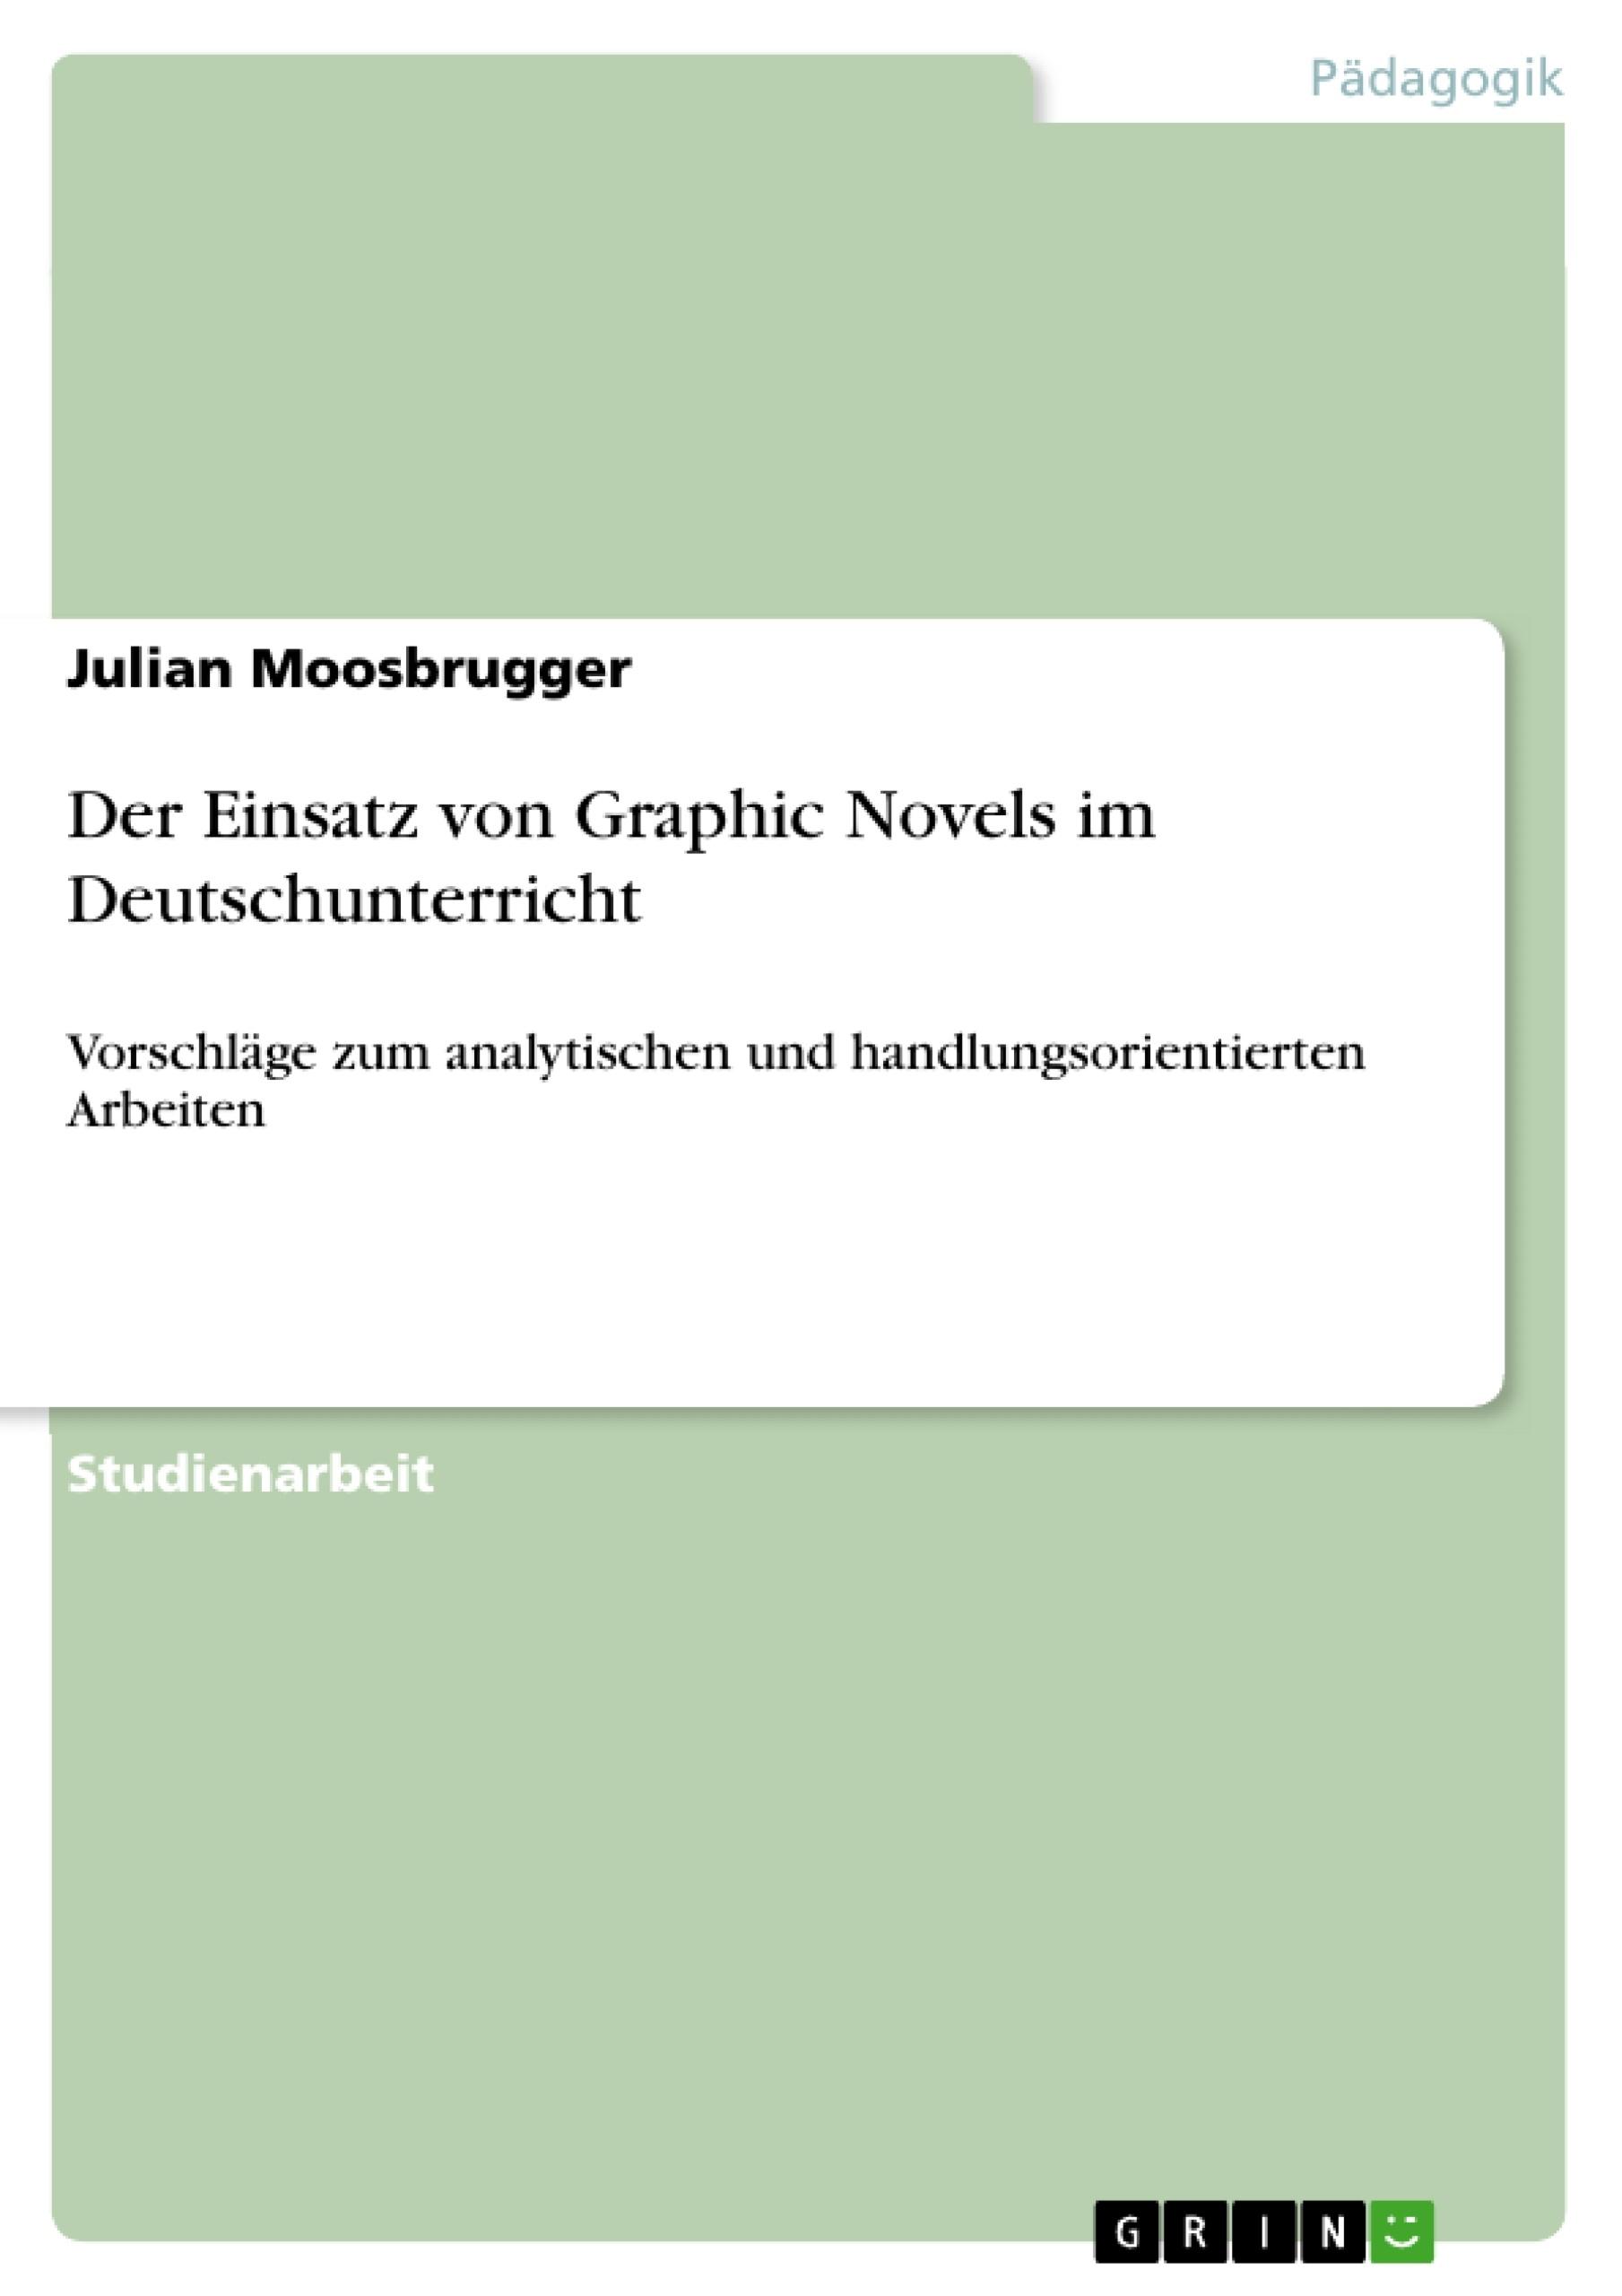 Titel: Der Einsatz von Graphic Novels im Deutschunterricht